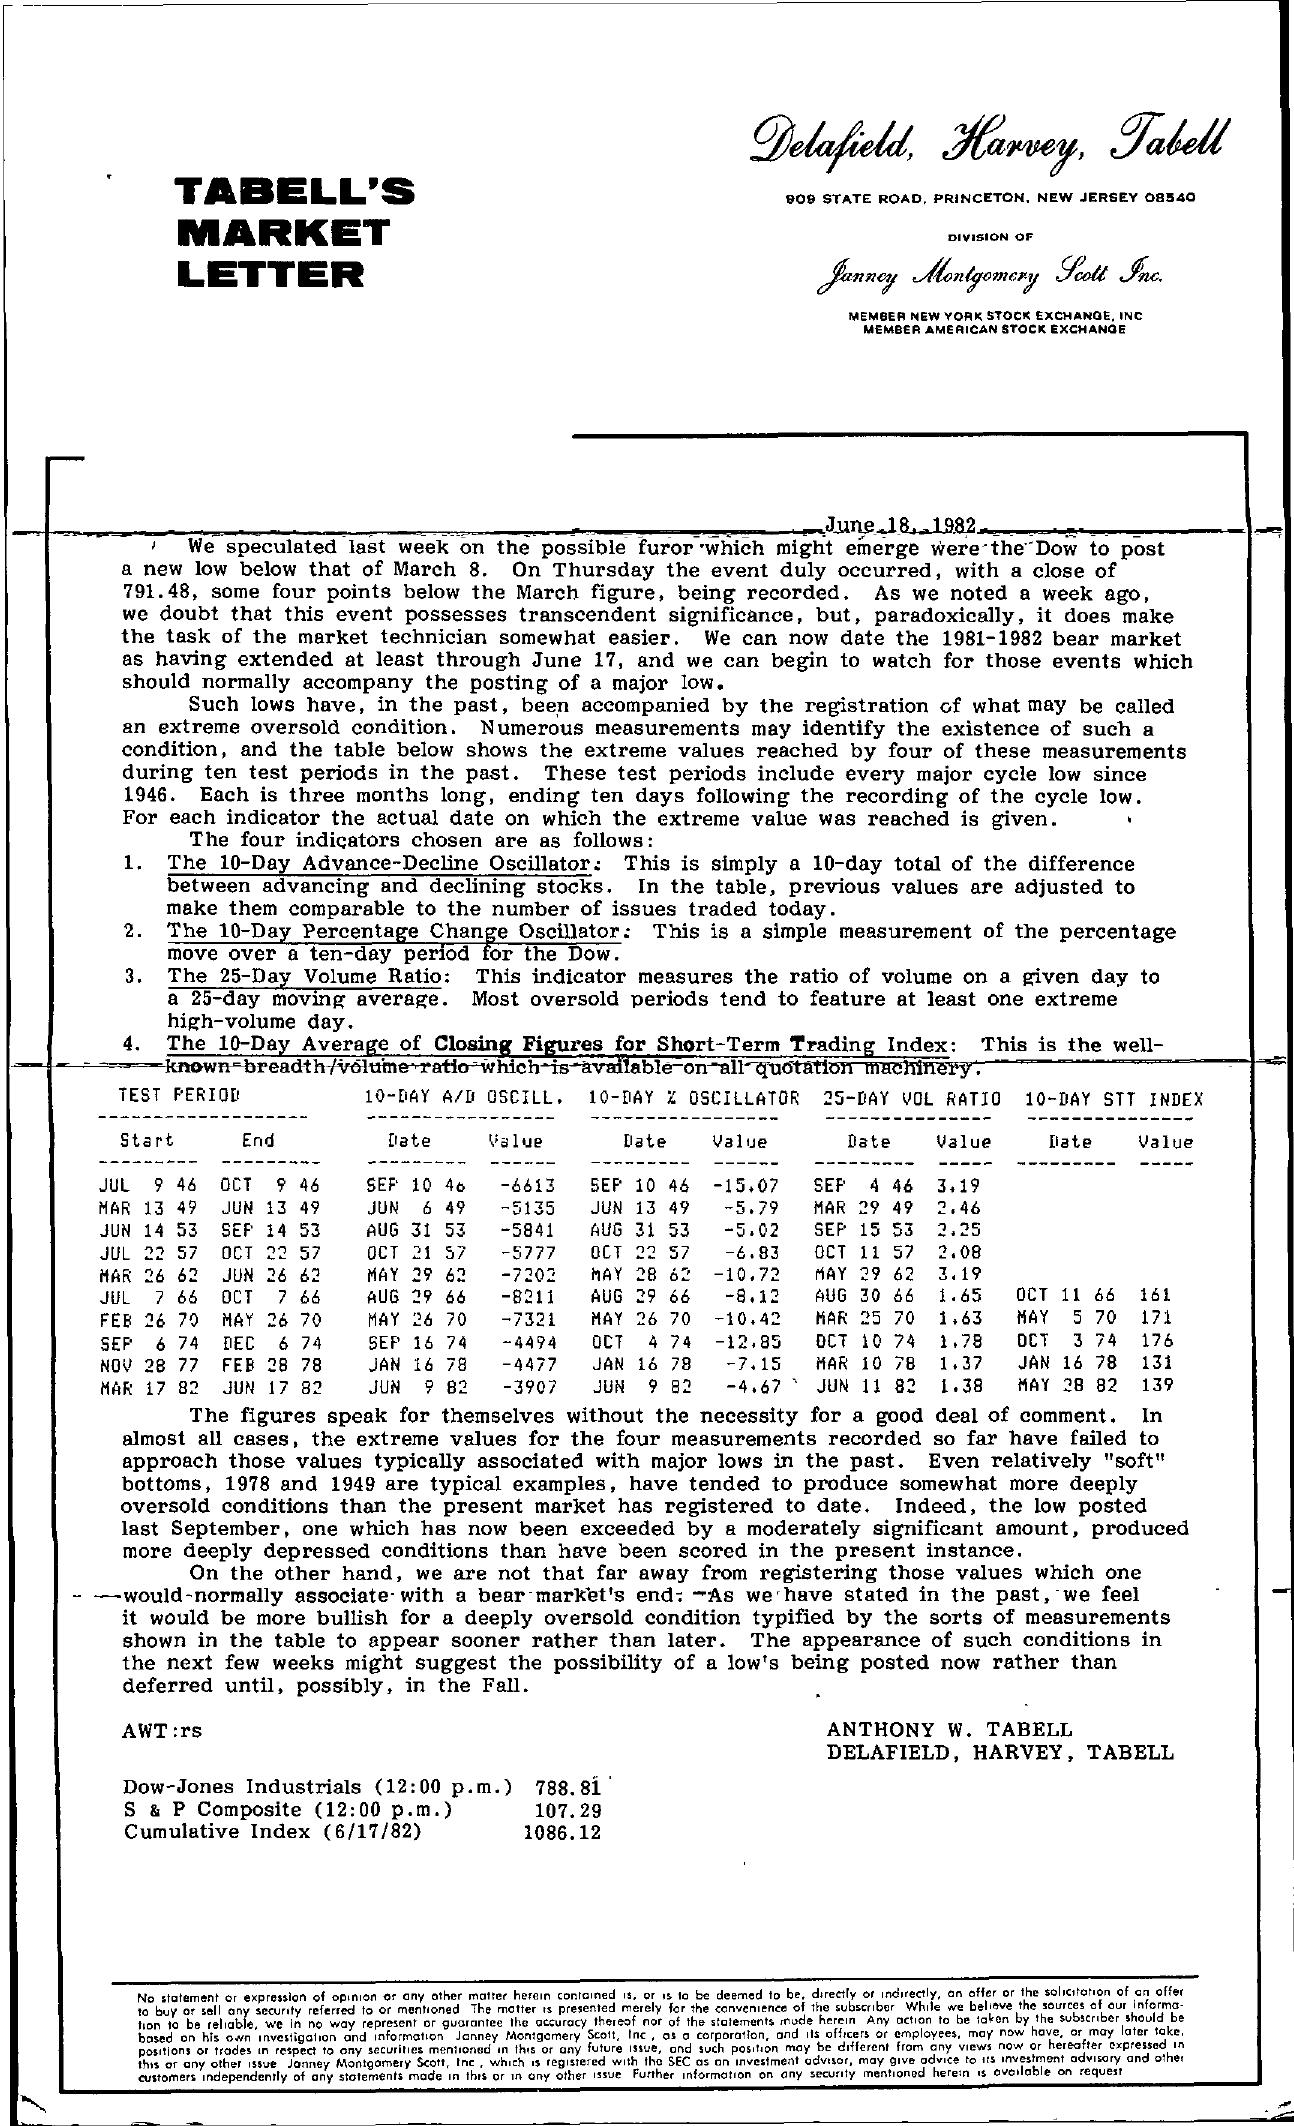 Tabell's Market Letter - June 18, 1982